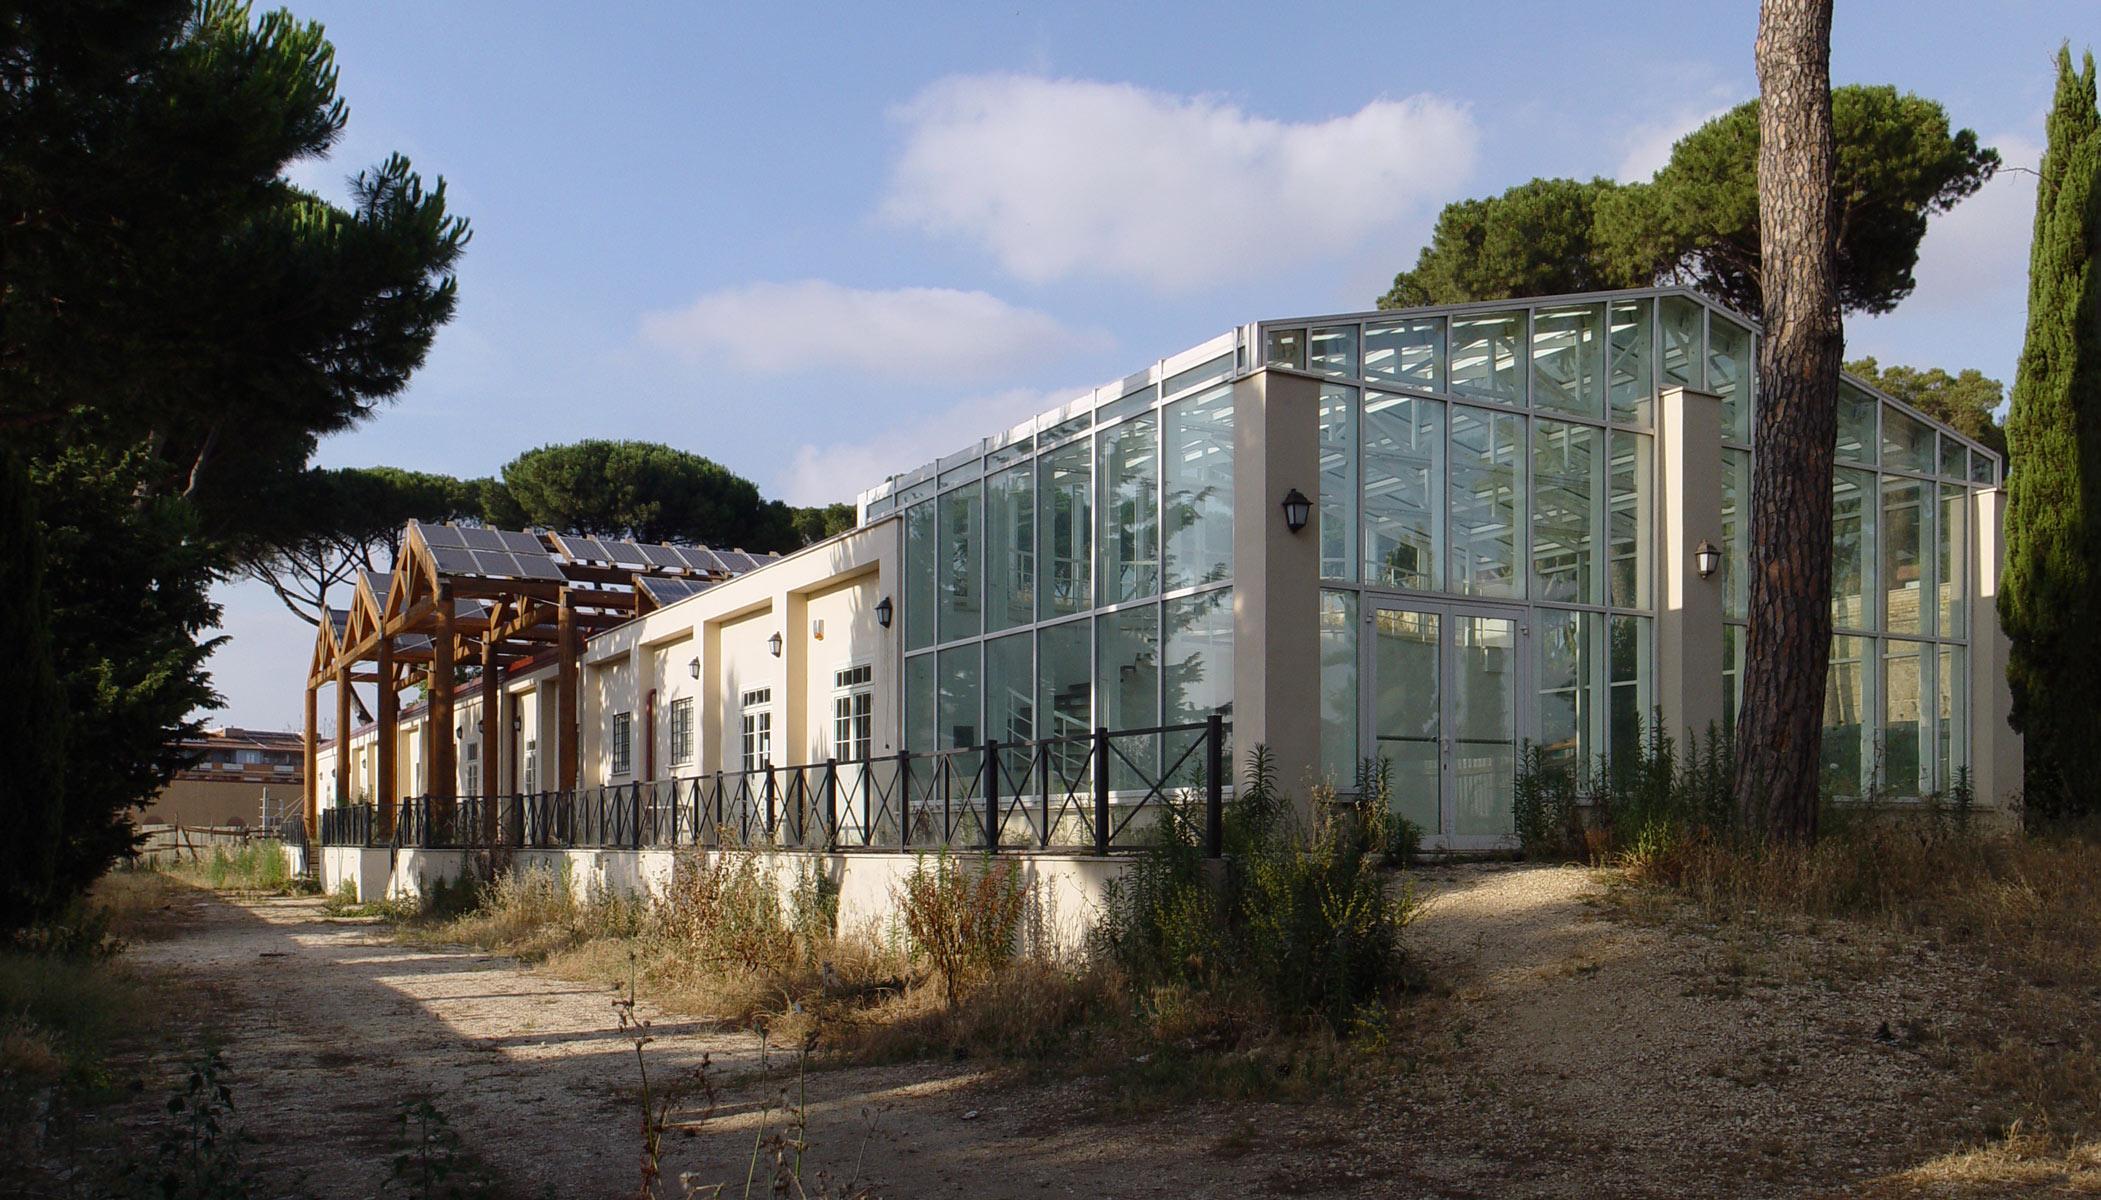 Il quartiere pigneto roma for Planimetrie dell interno della casa all aperto